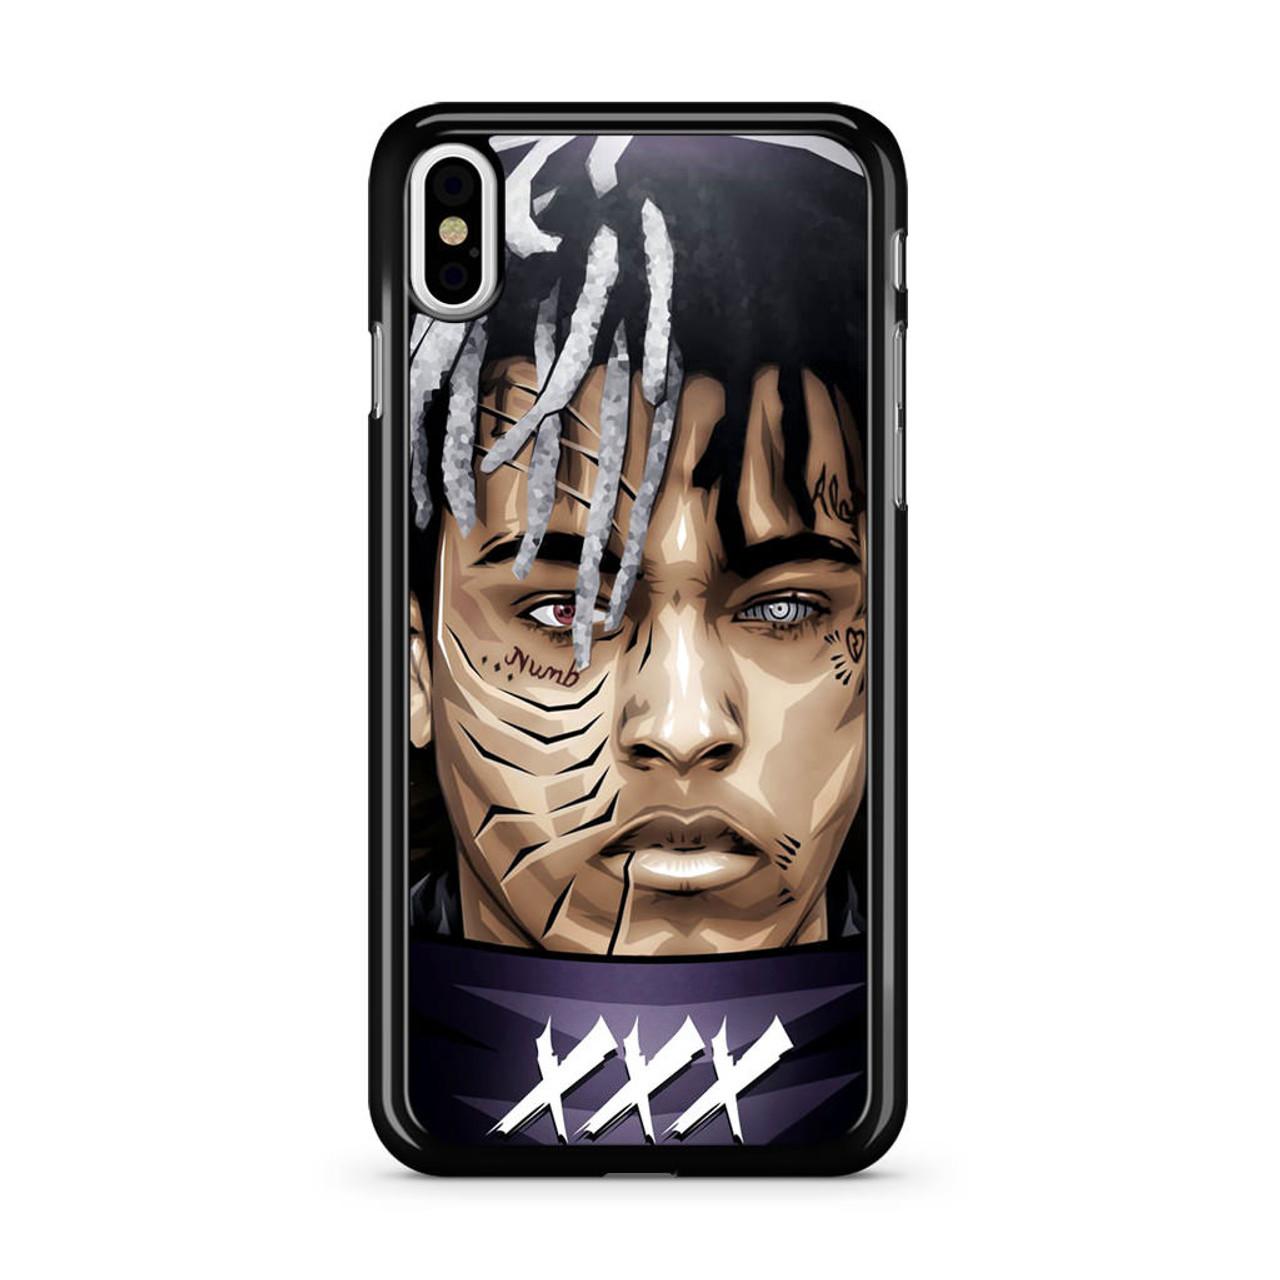 new products 4284e 5dd9e Xxxtentacion Obito Naruto iPhone X Case